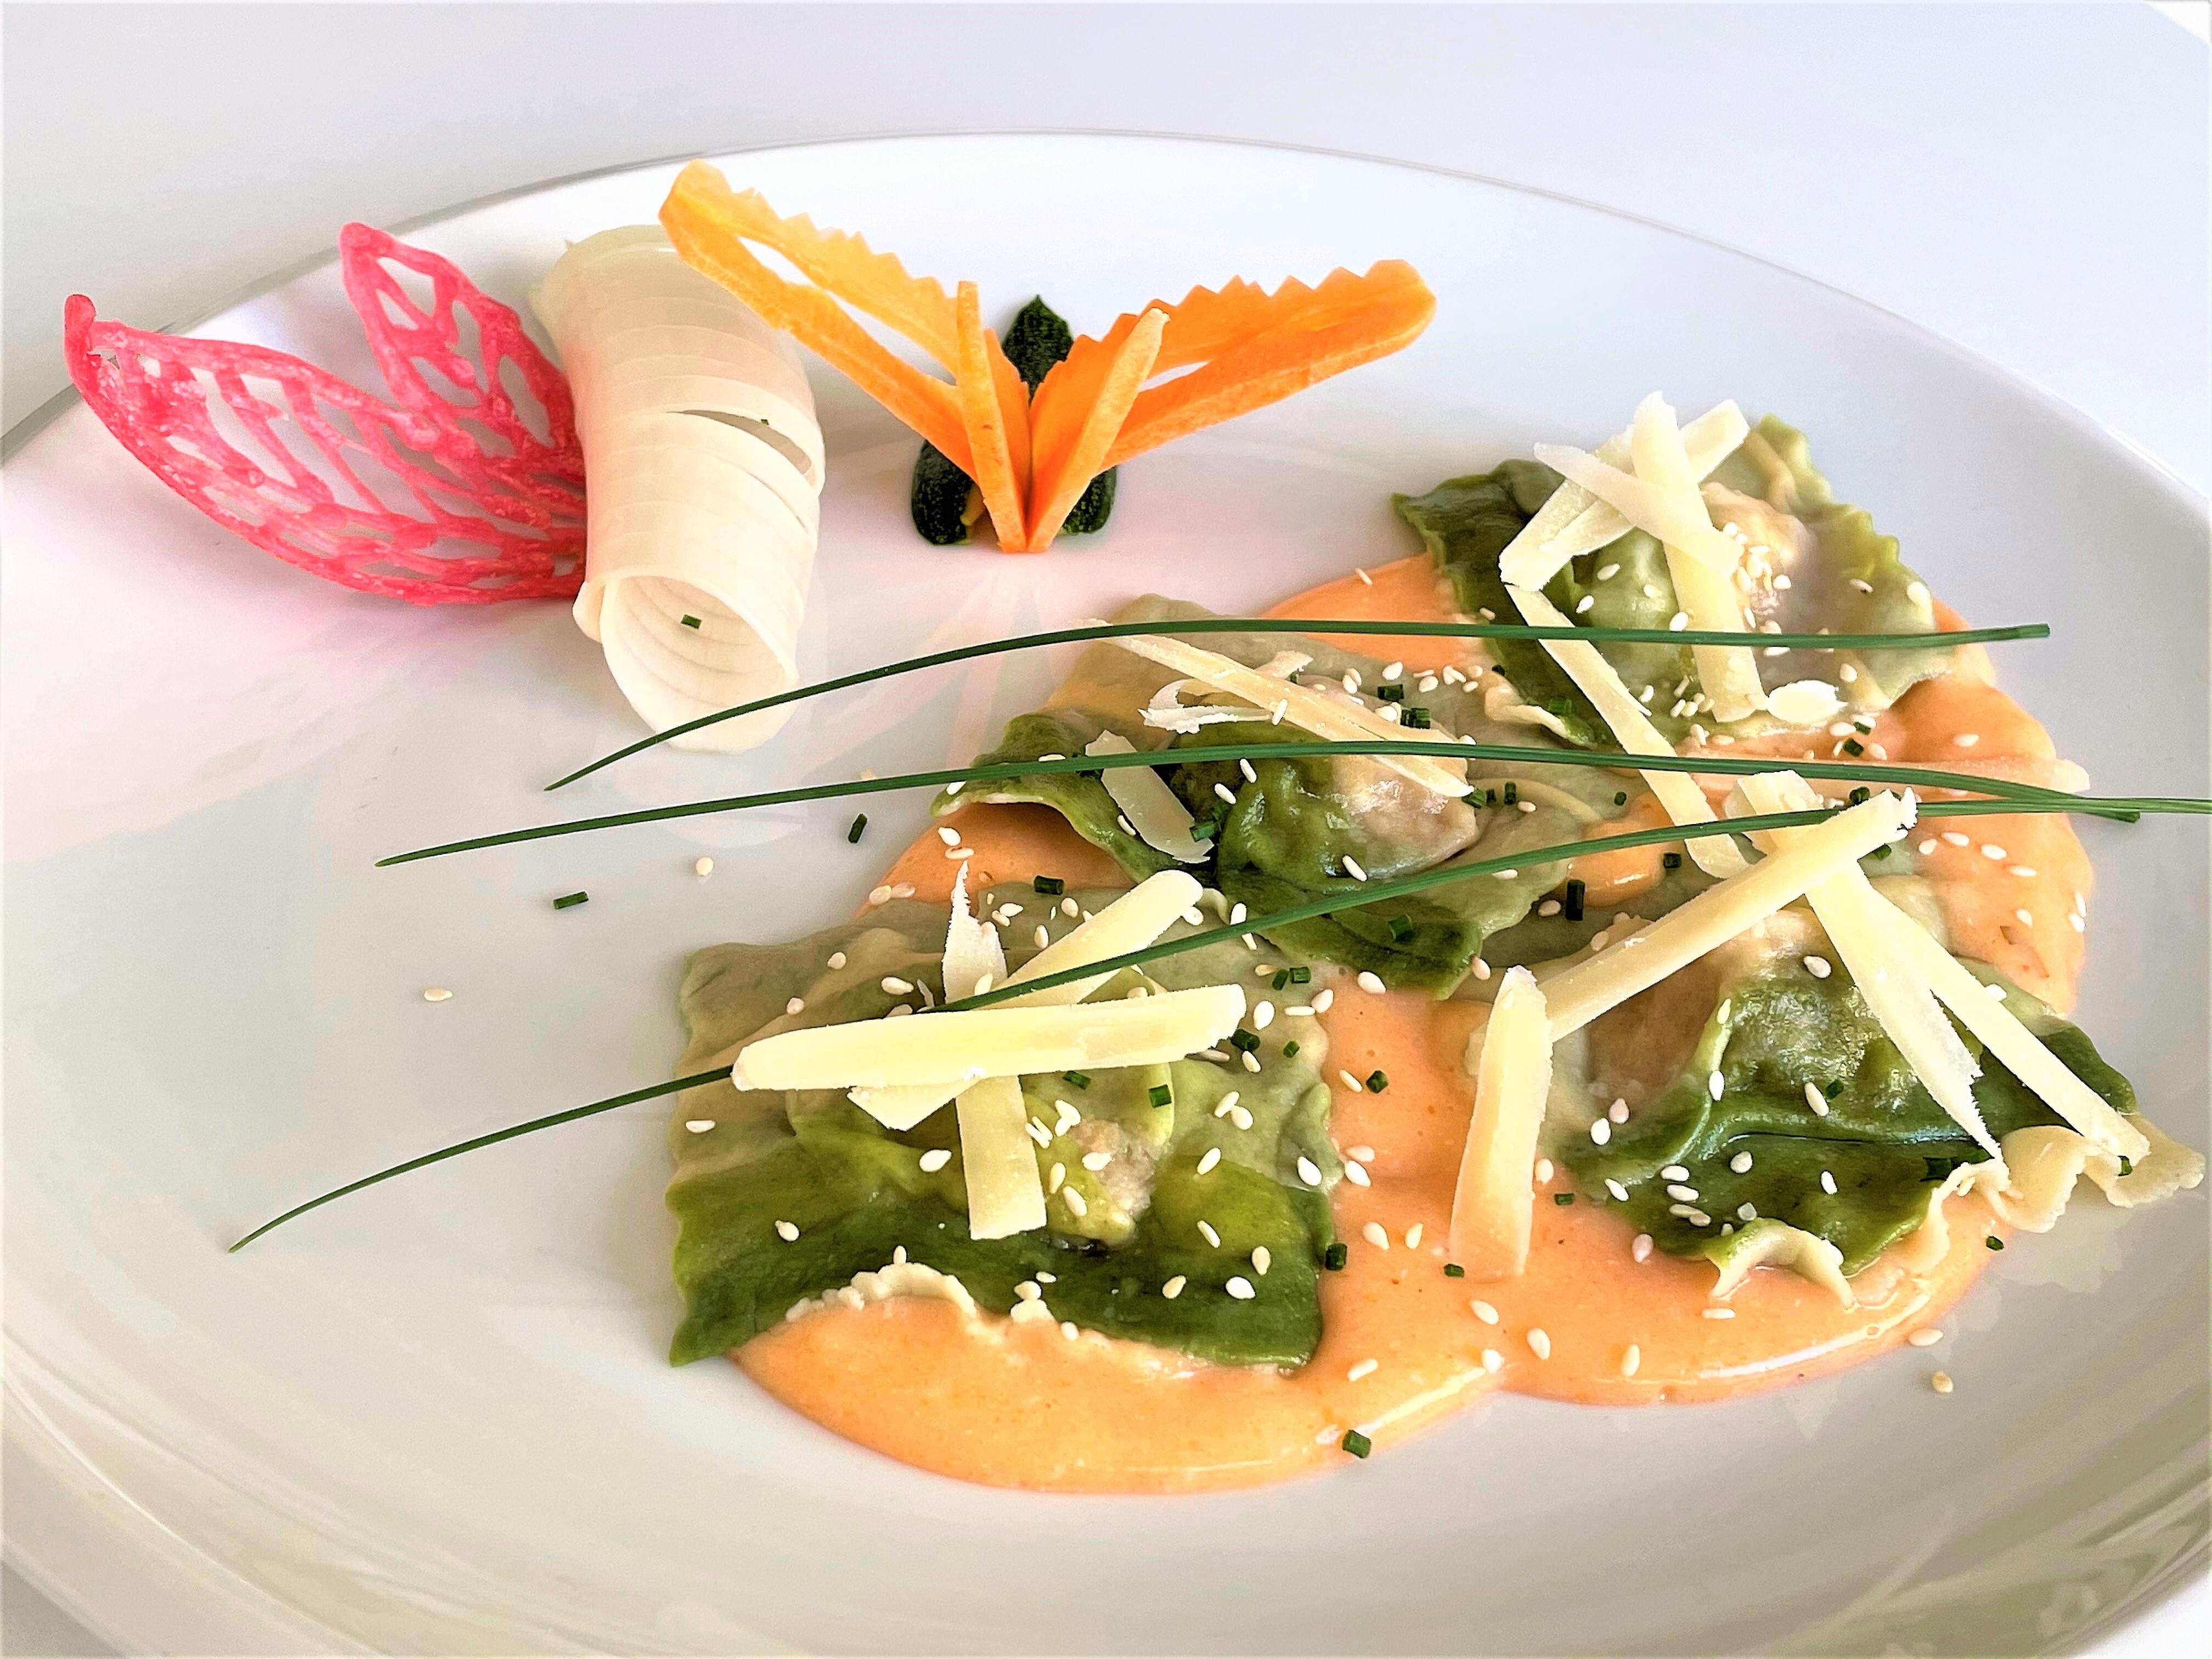 Ravioli-bicolore-ai-funghi-con-salsa-rosa